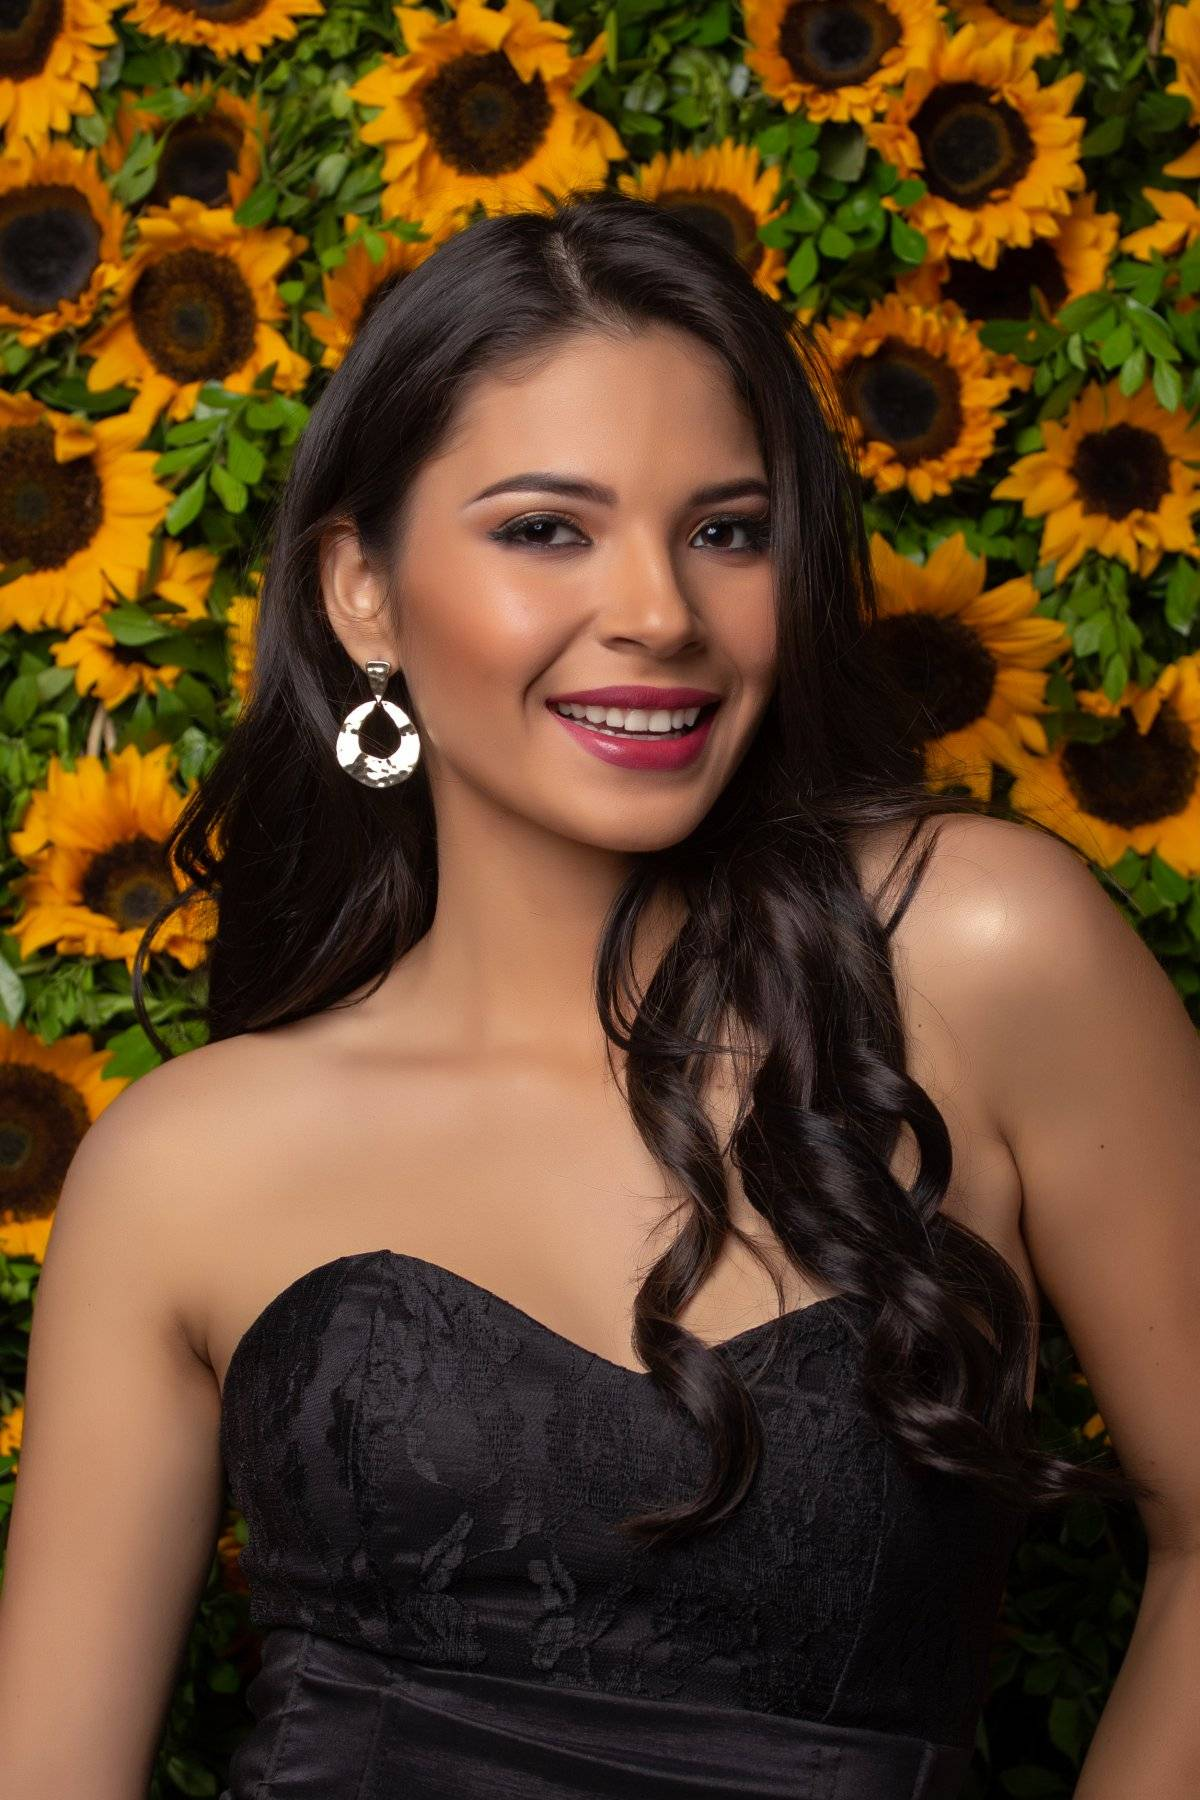 CANDIDATAS A MISS ECUADOR 2019.  FINAL 19 DE JULIO 10majoseriveraelcoca-e4fa61d9806a8d4a310dd0f2b0633f89-1200x0